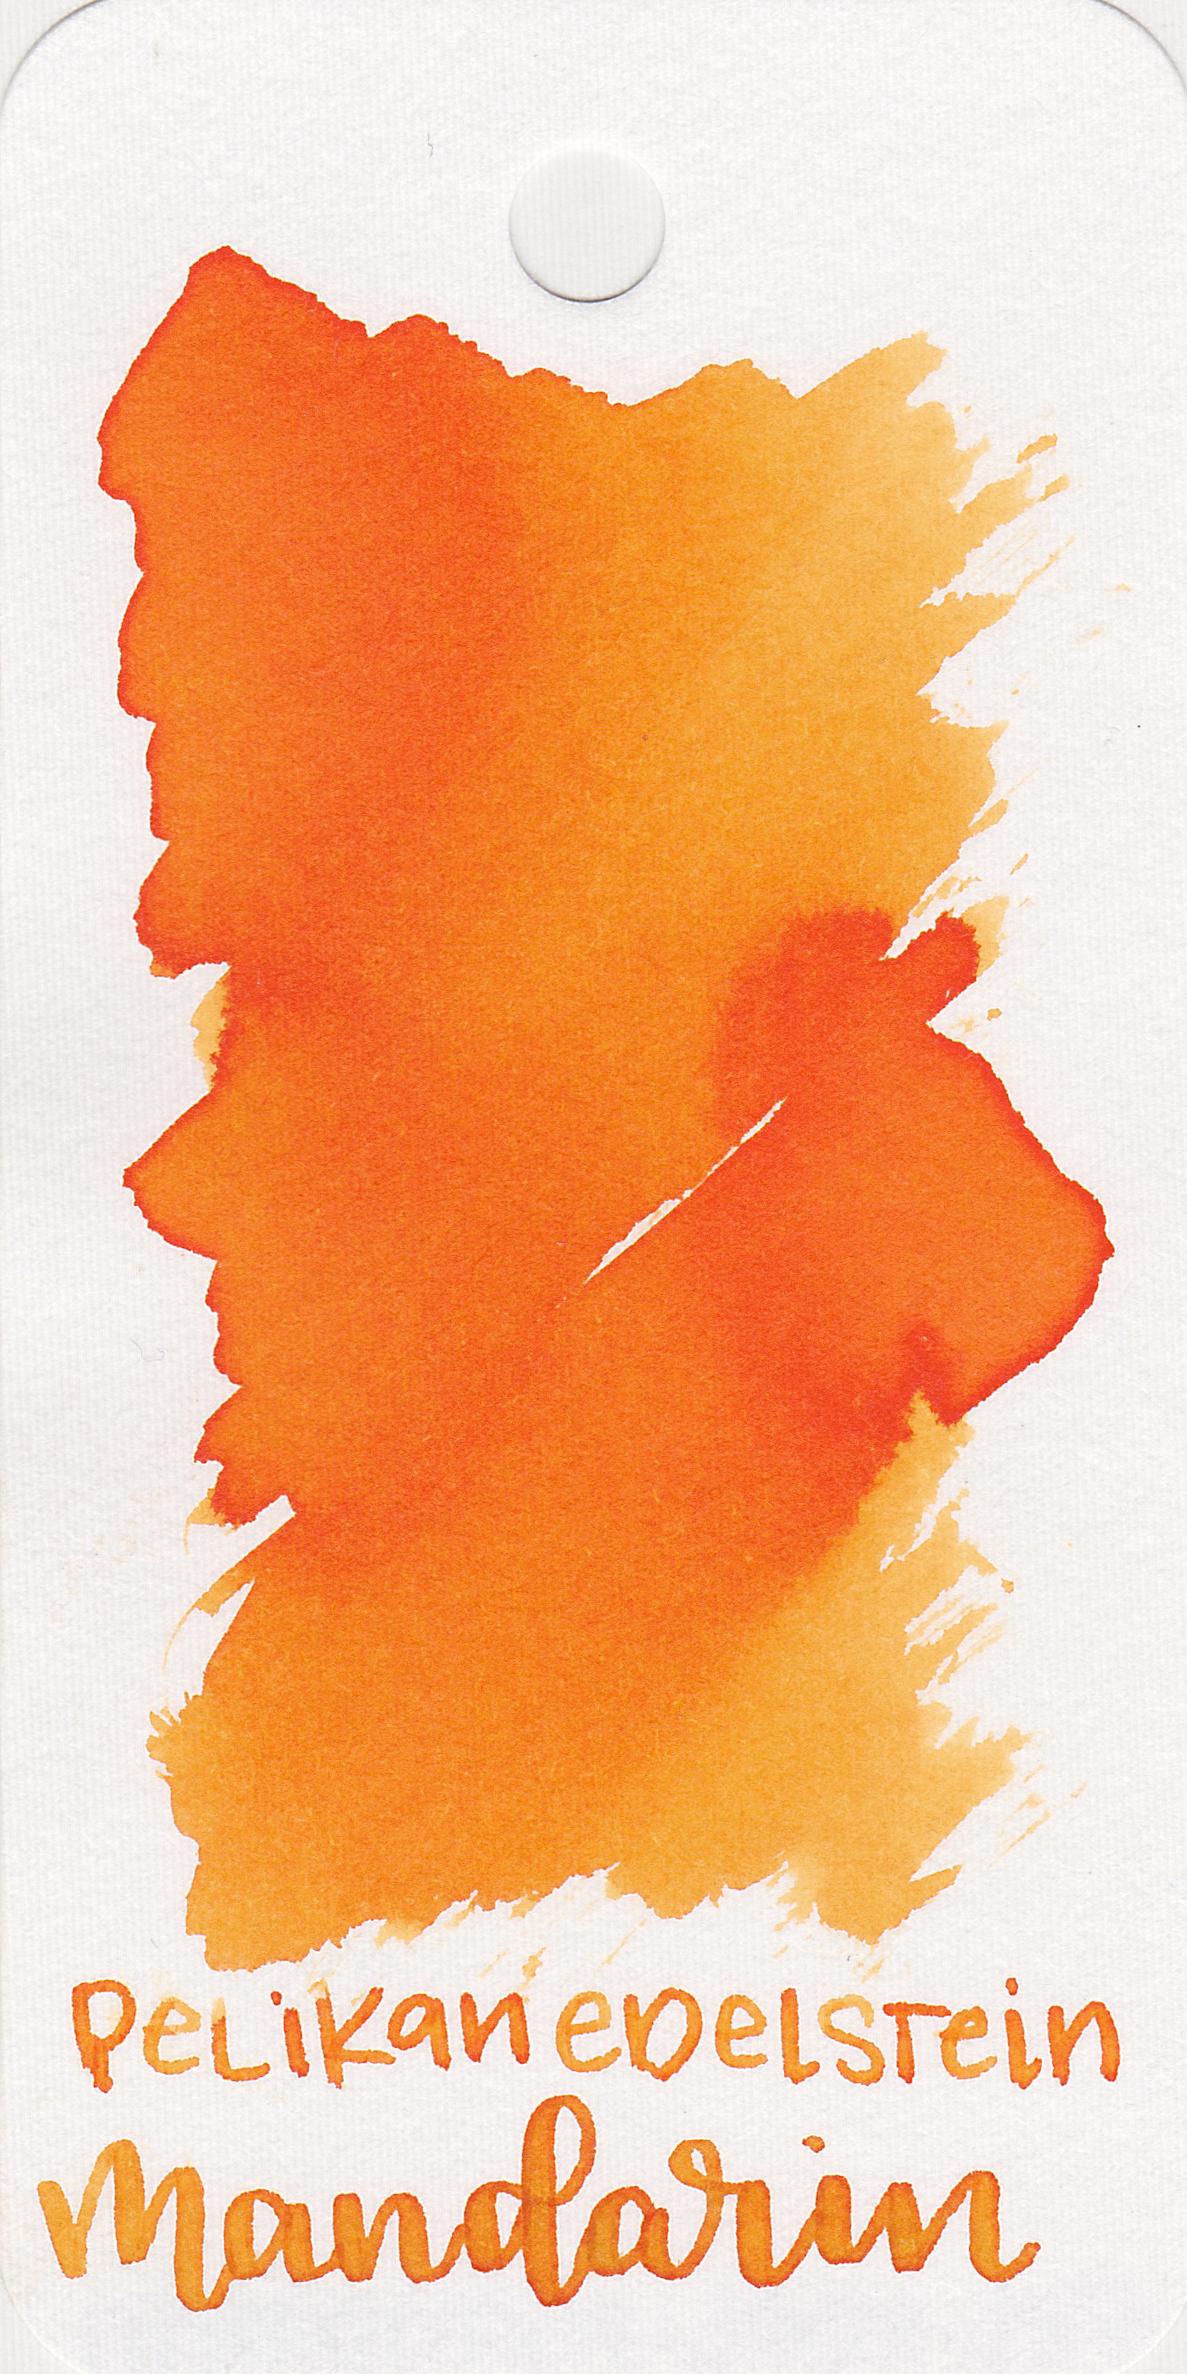 pe-mandarin-1.jpg